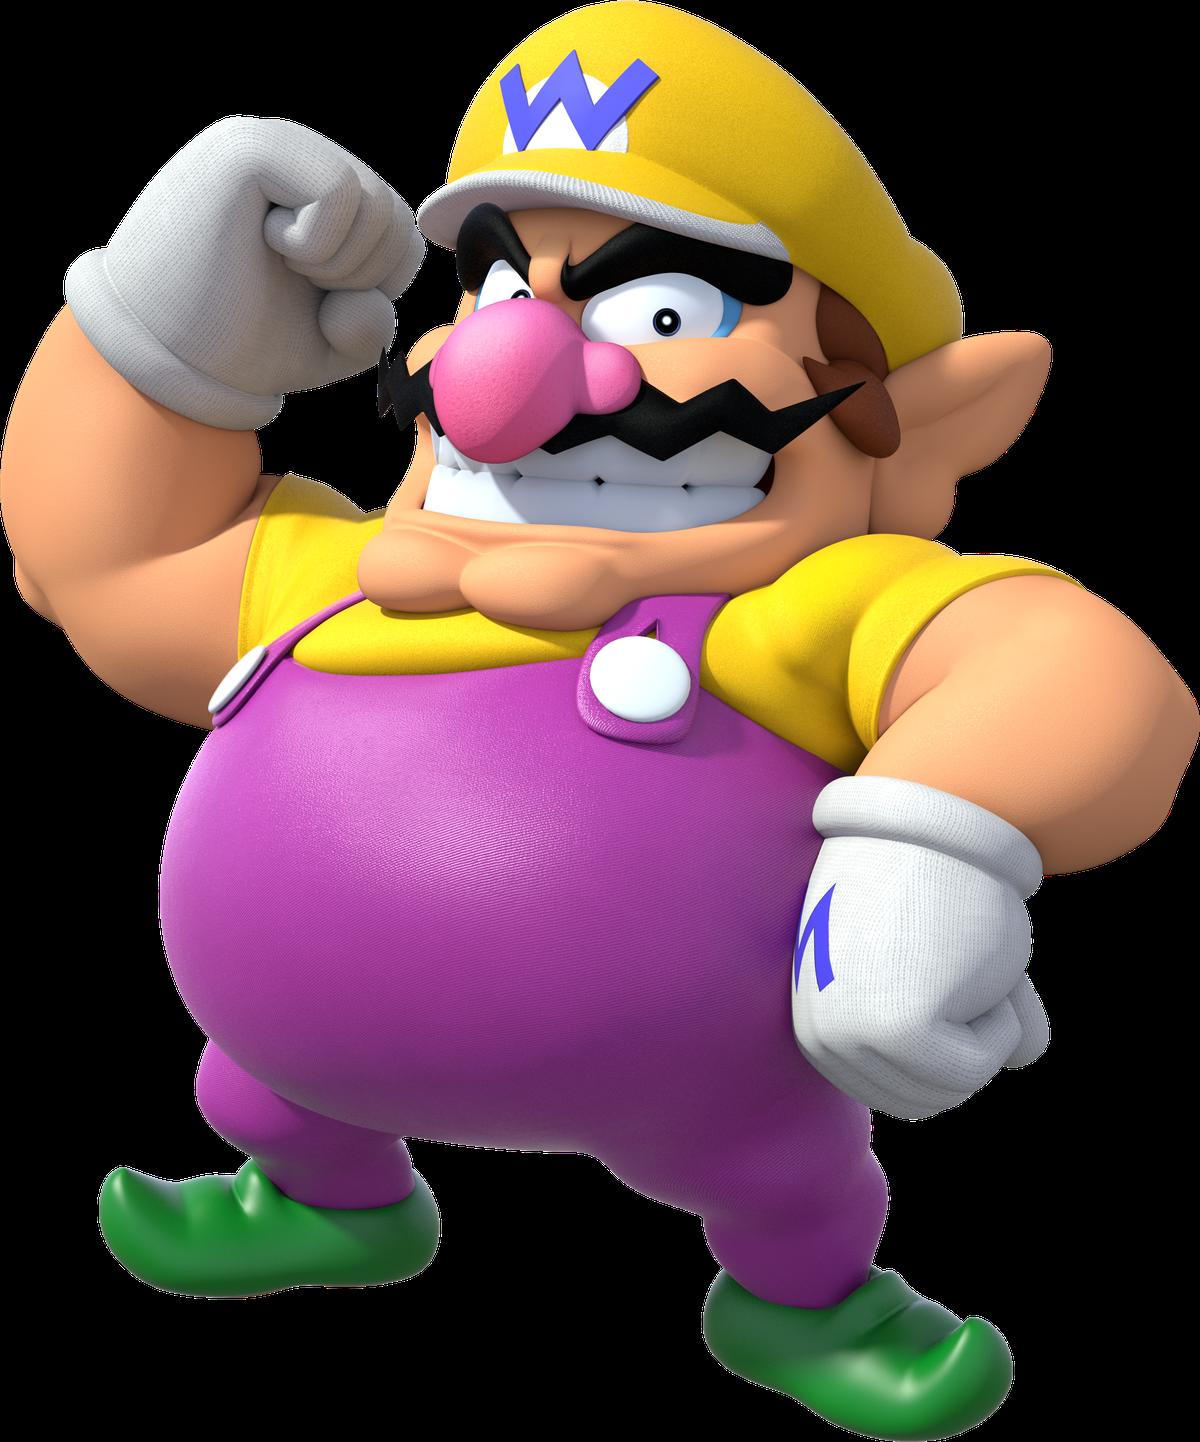 wario wearing a purple jumpsuit